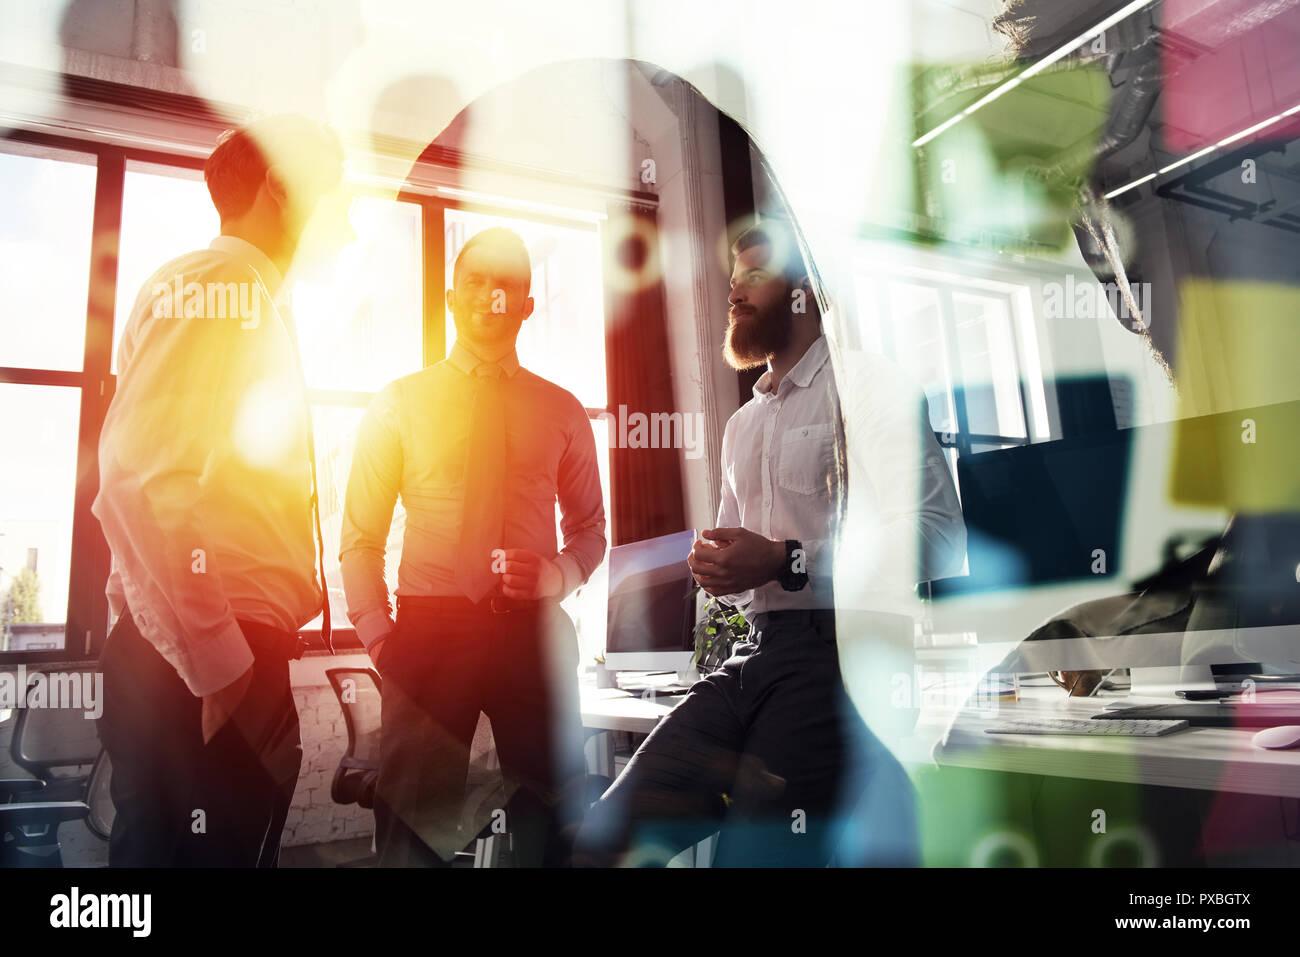 Gente de negocios trabajando juntos en la oficina. Concepto de trabajo en equipo y colaboración. La doble exposición con efectos de luz Imagen De Stock